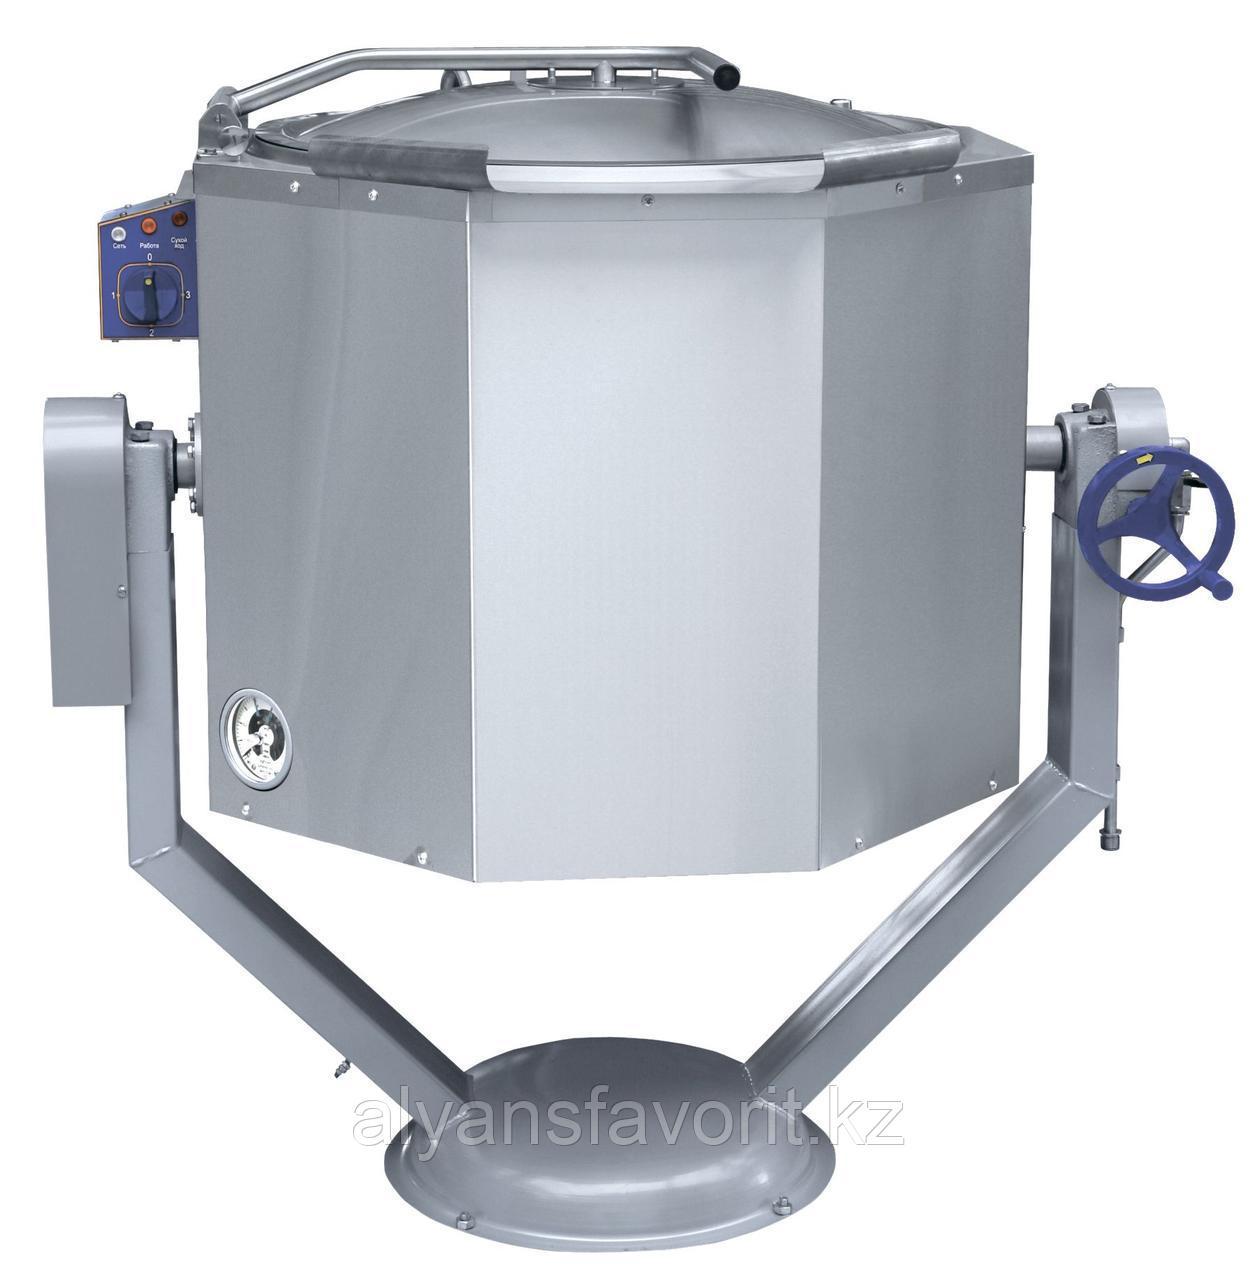 Котел пищеварочный ABAT КПЭМ-100 ОР опрокидываемый с ручным приводом